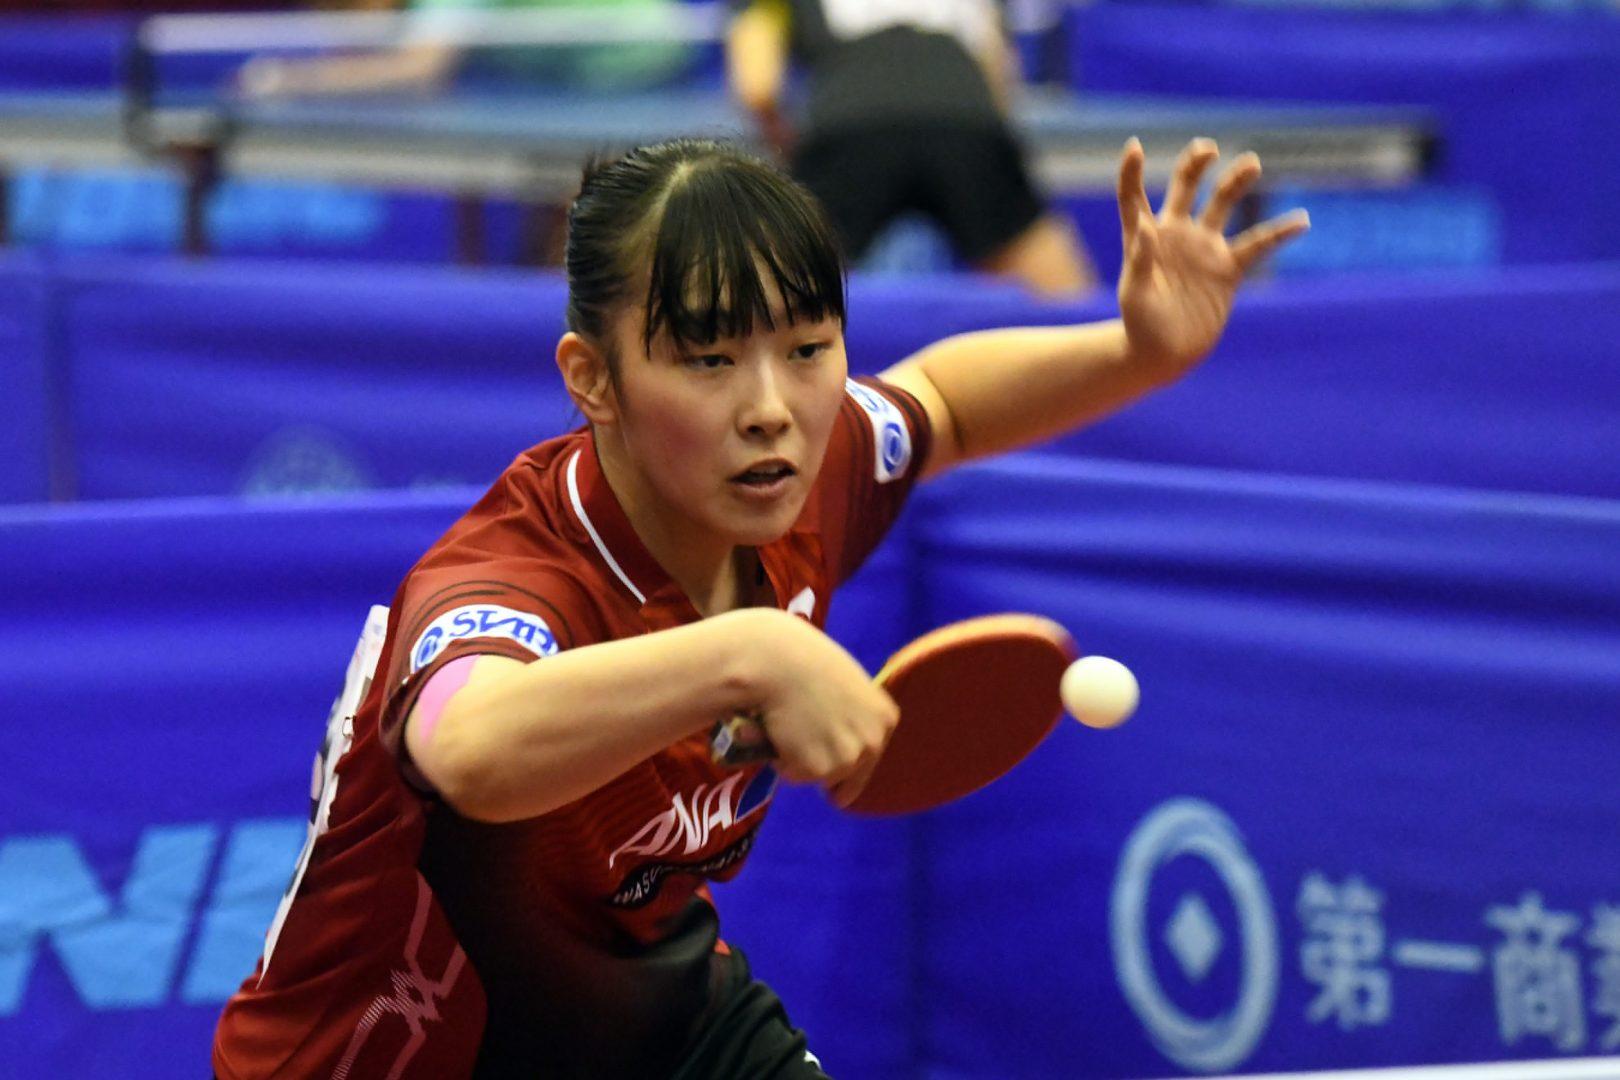 【今週の日本の卓球】日本女子がメダルラッシュ JC台湾オープン全日程終了